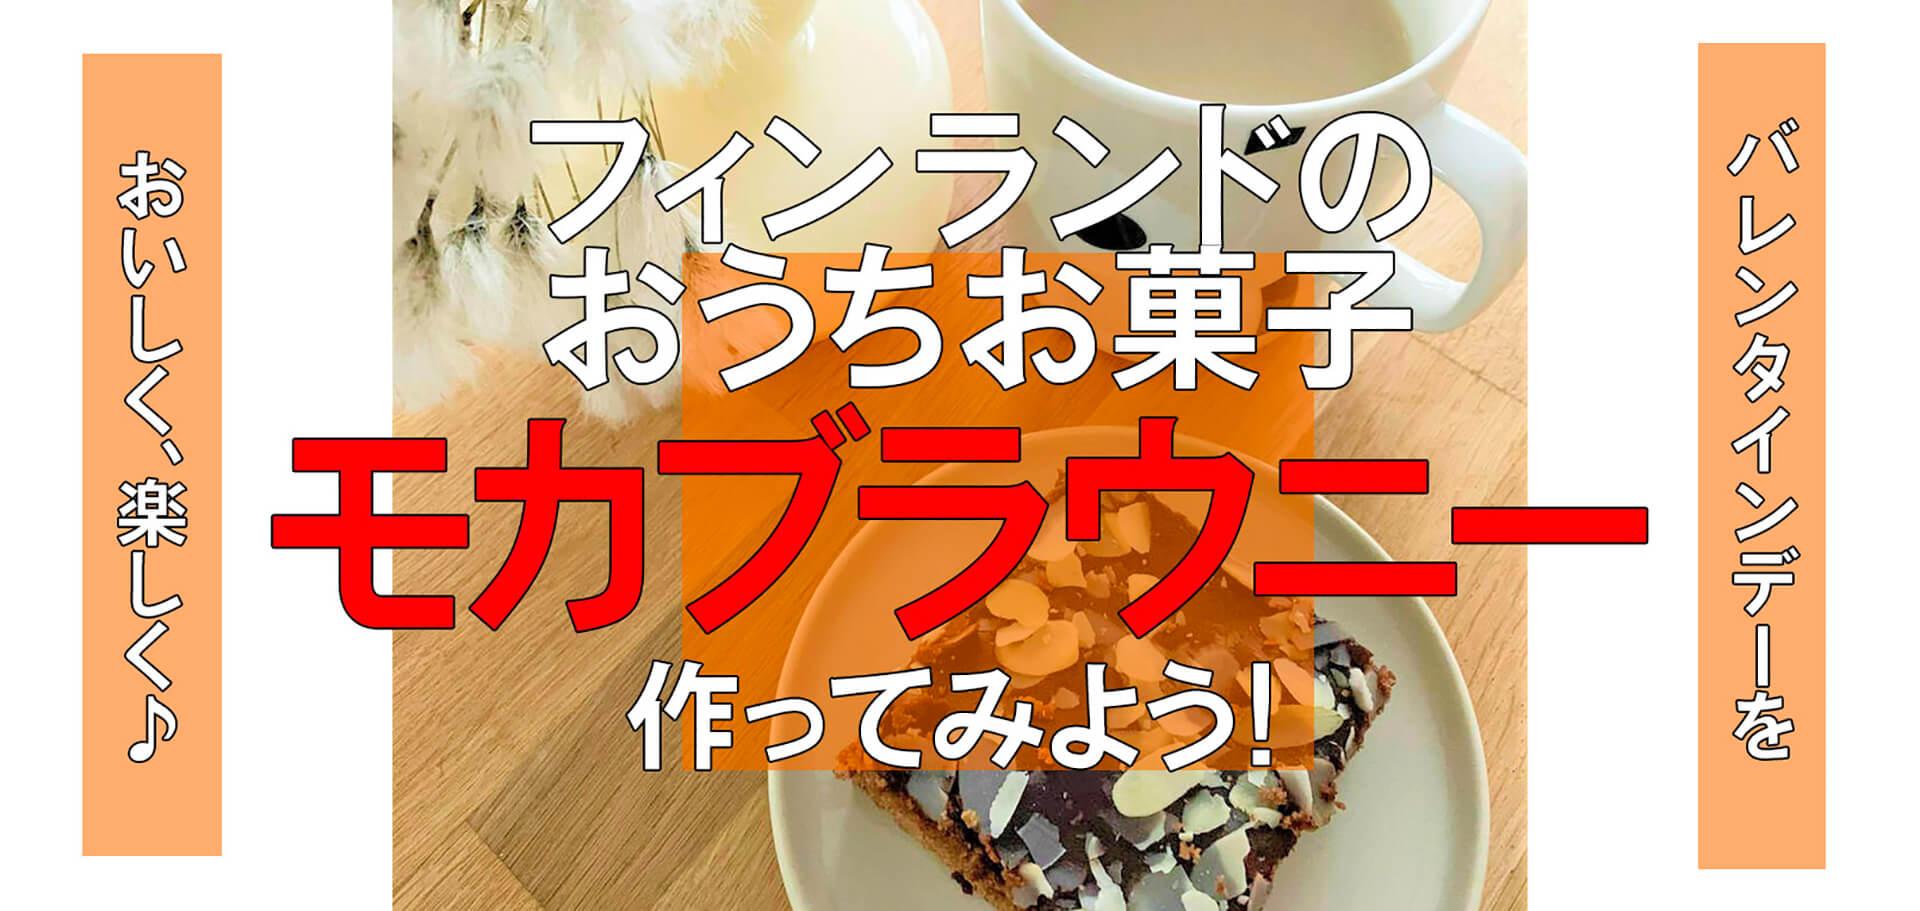 """フィンランド人が愛する家庭のお菓子""""モカブラウニー""""を作ろう"""